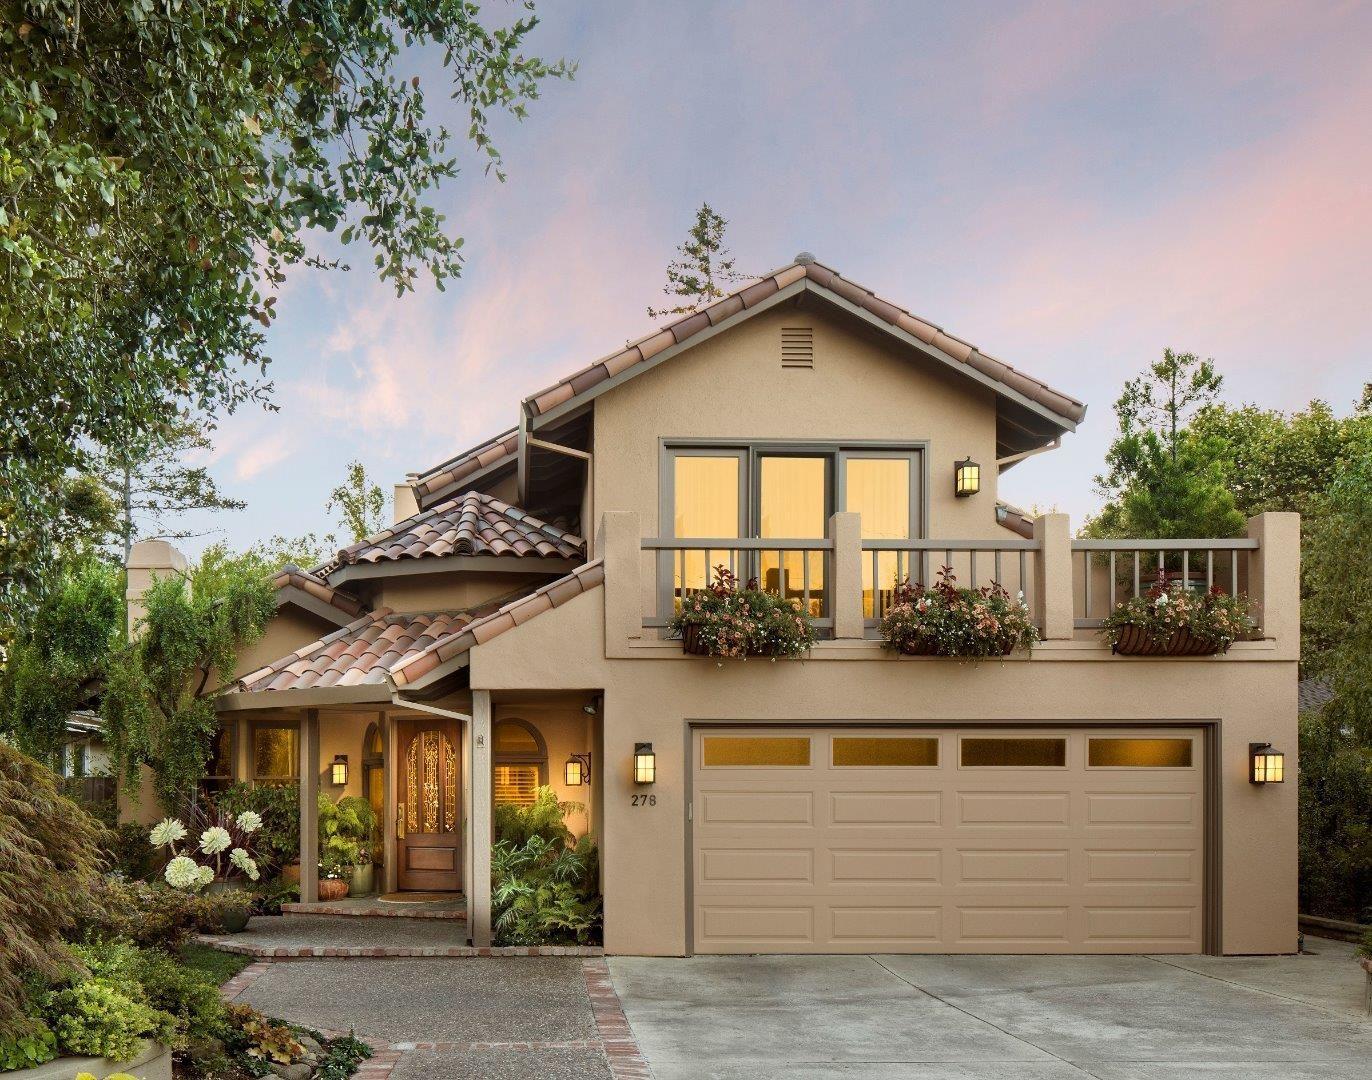 278 Alta Vista Ave, Los Altos, CA 94022 - Estimate and Home Details ...